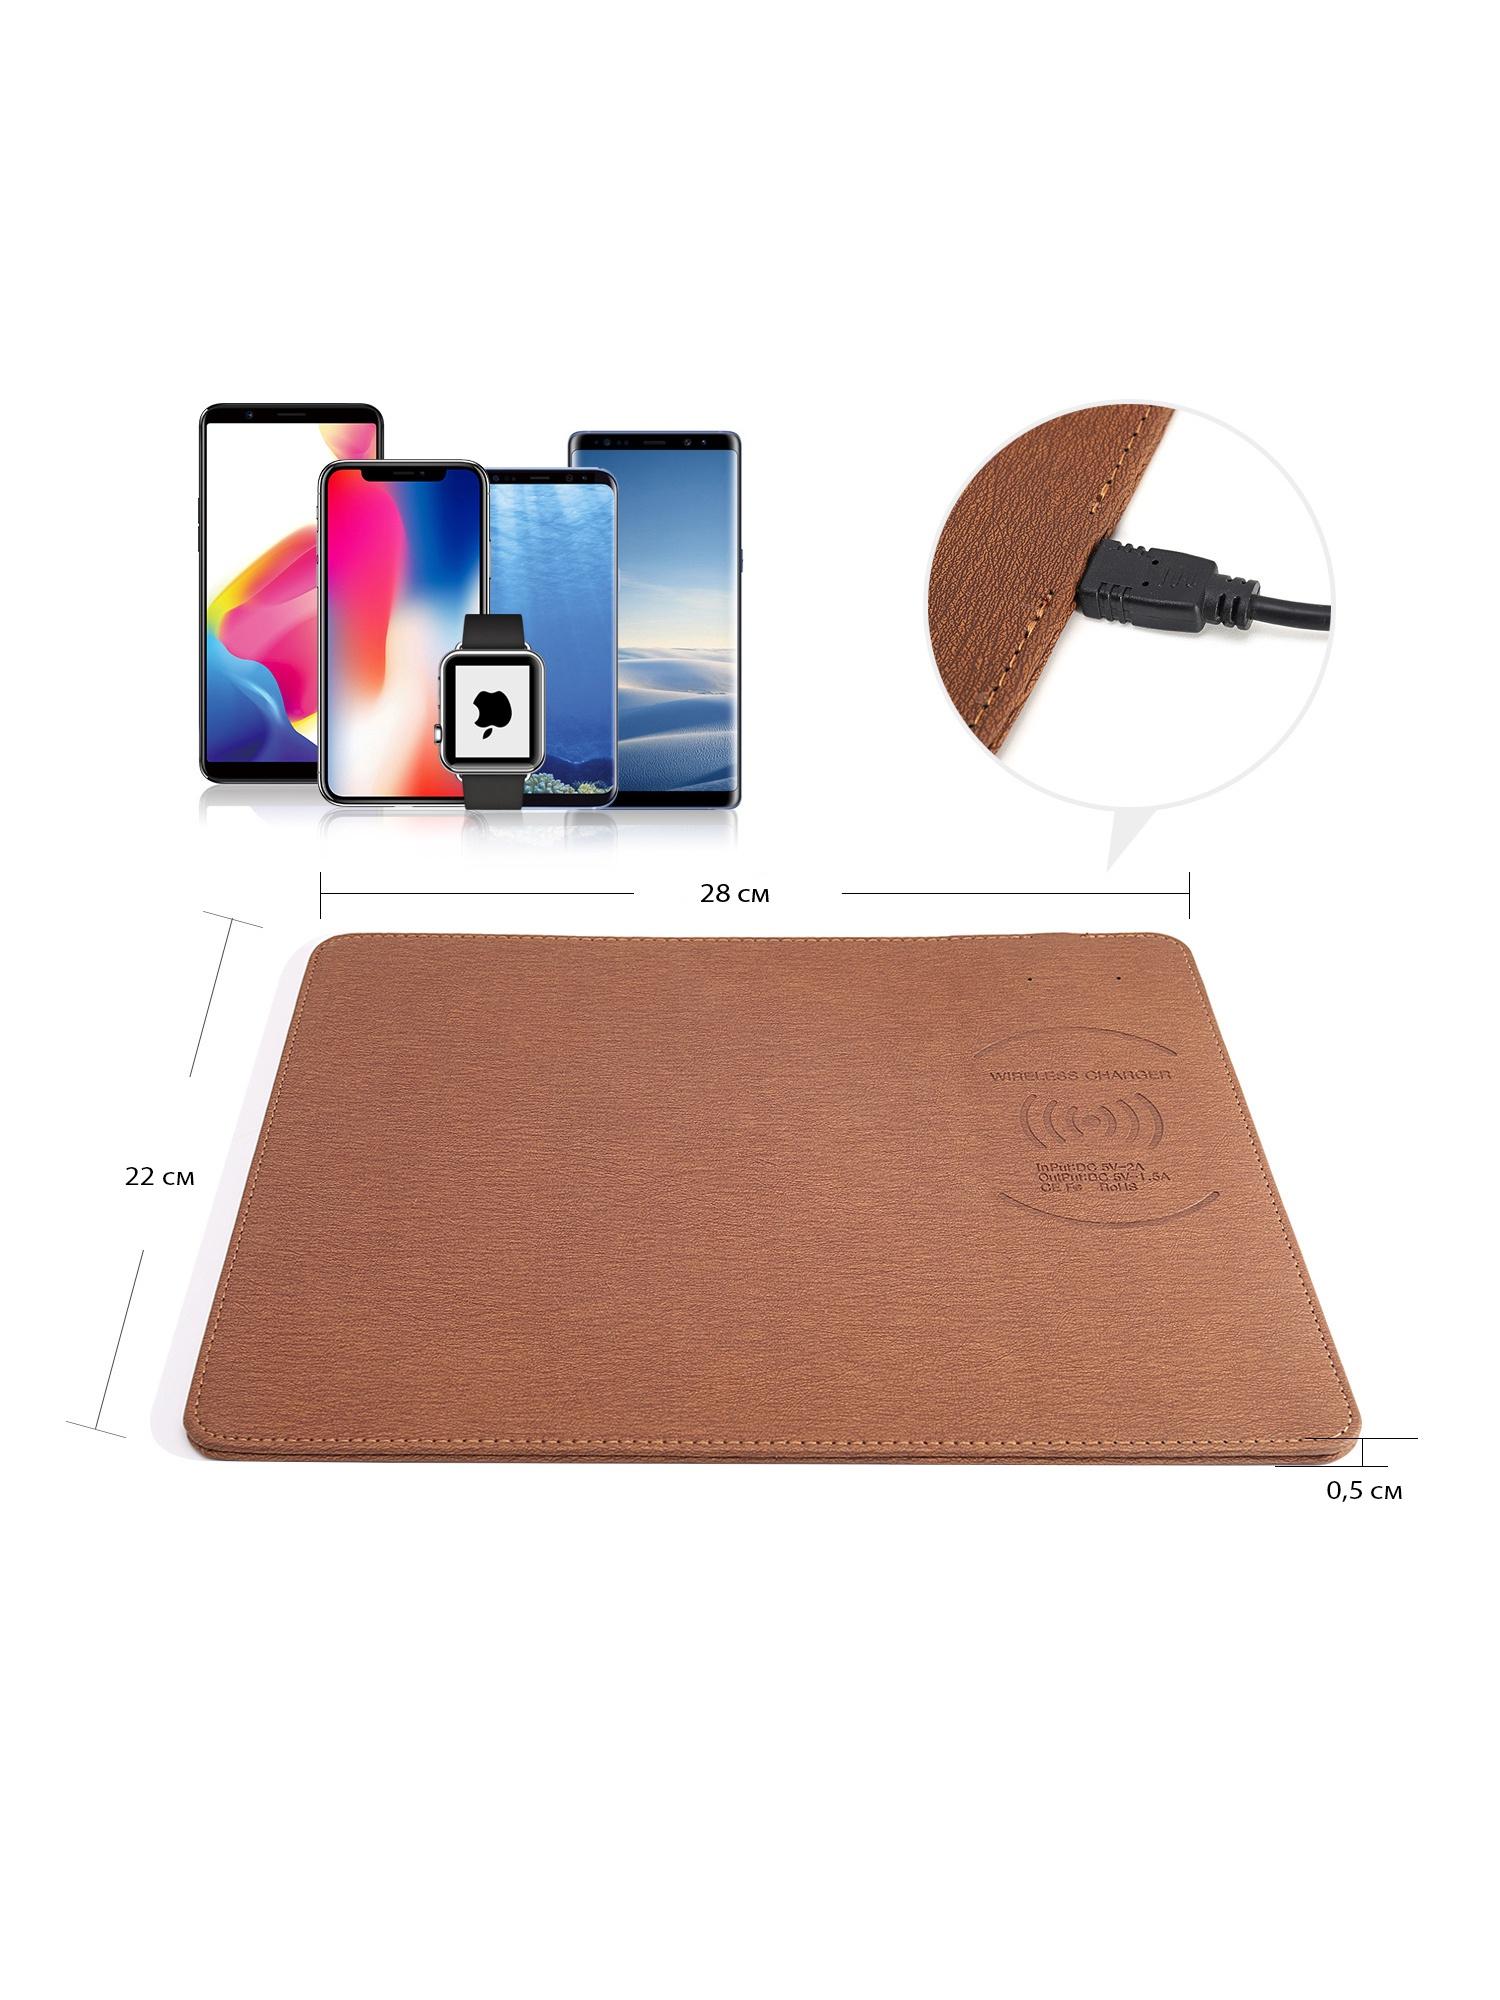 Коврик для мыши Lumobook для мыши и беспроводная зарядная станция для телефонов, беспроводная зарядка стандарта QI, LB-CMP-01 коврик для мыши cbr cmp 024 arithmetic учебный арифметика